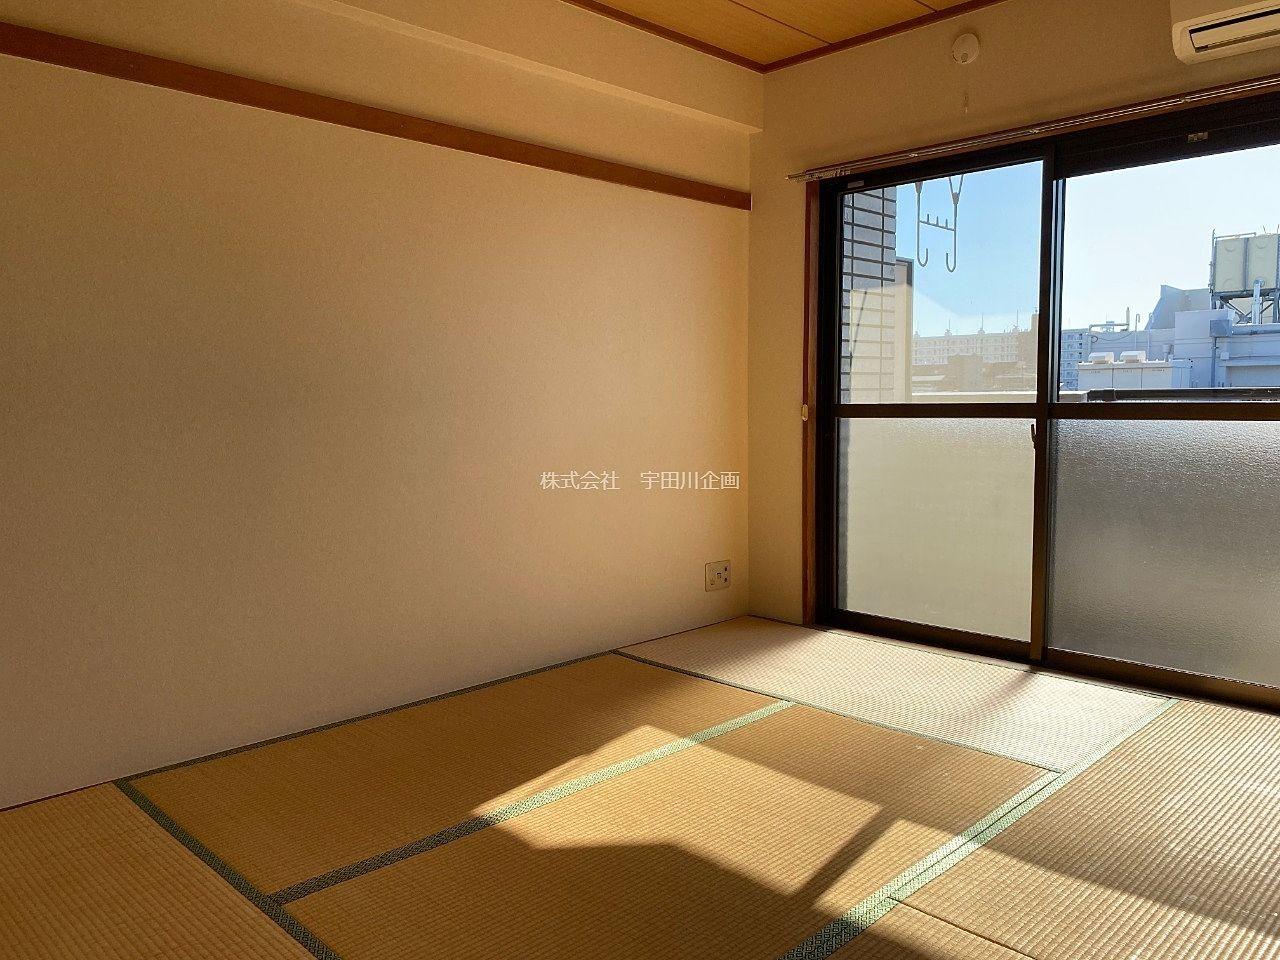 畳6帖。入居の際に表替えします。